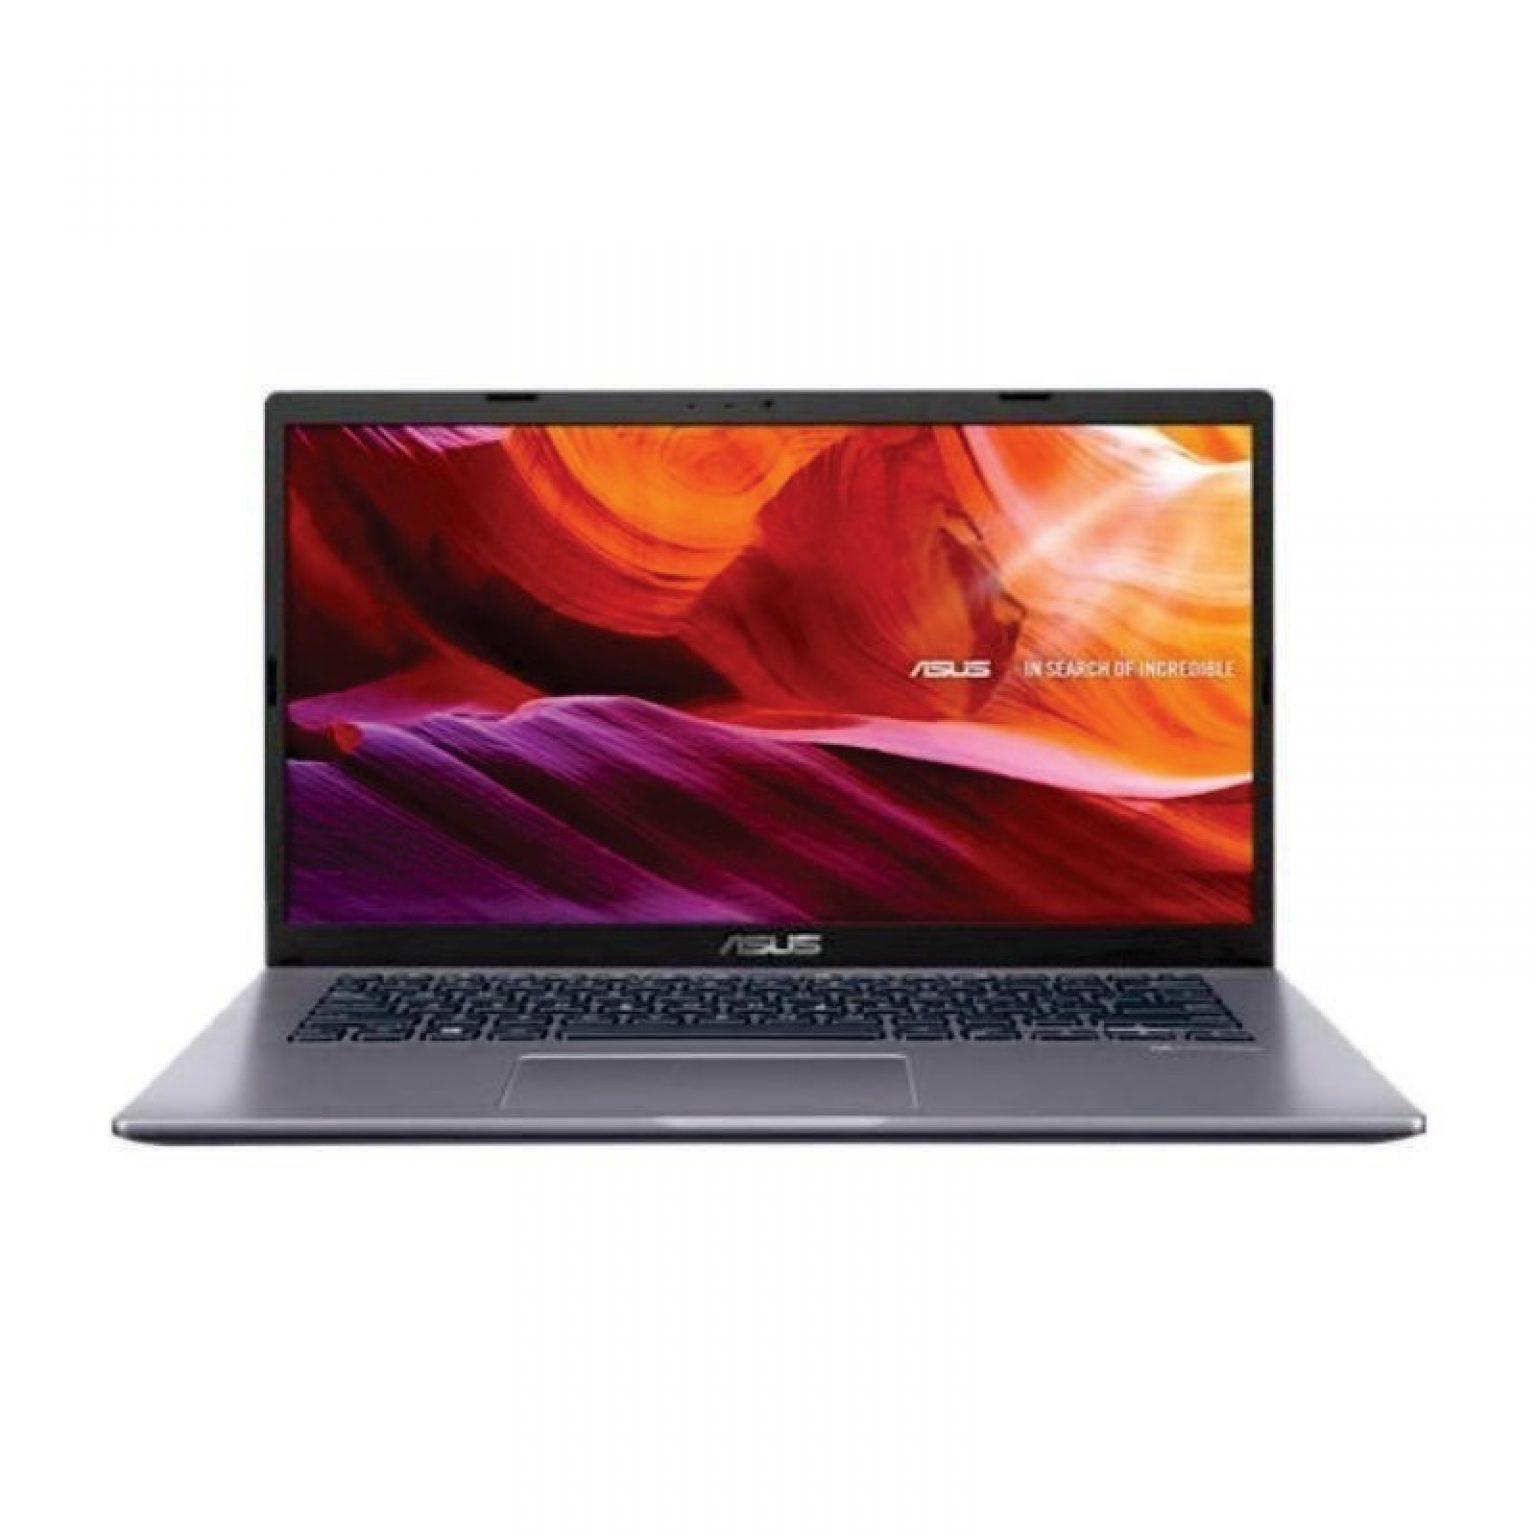 ASUS - A409FJ-EK702T (i7-8565U/8GB RAM/1TB HDD/MX230/Win10SL/Slate Grey)